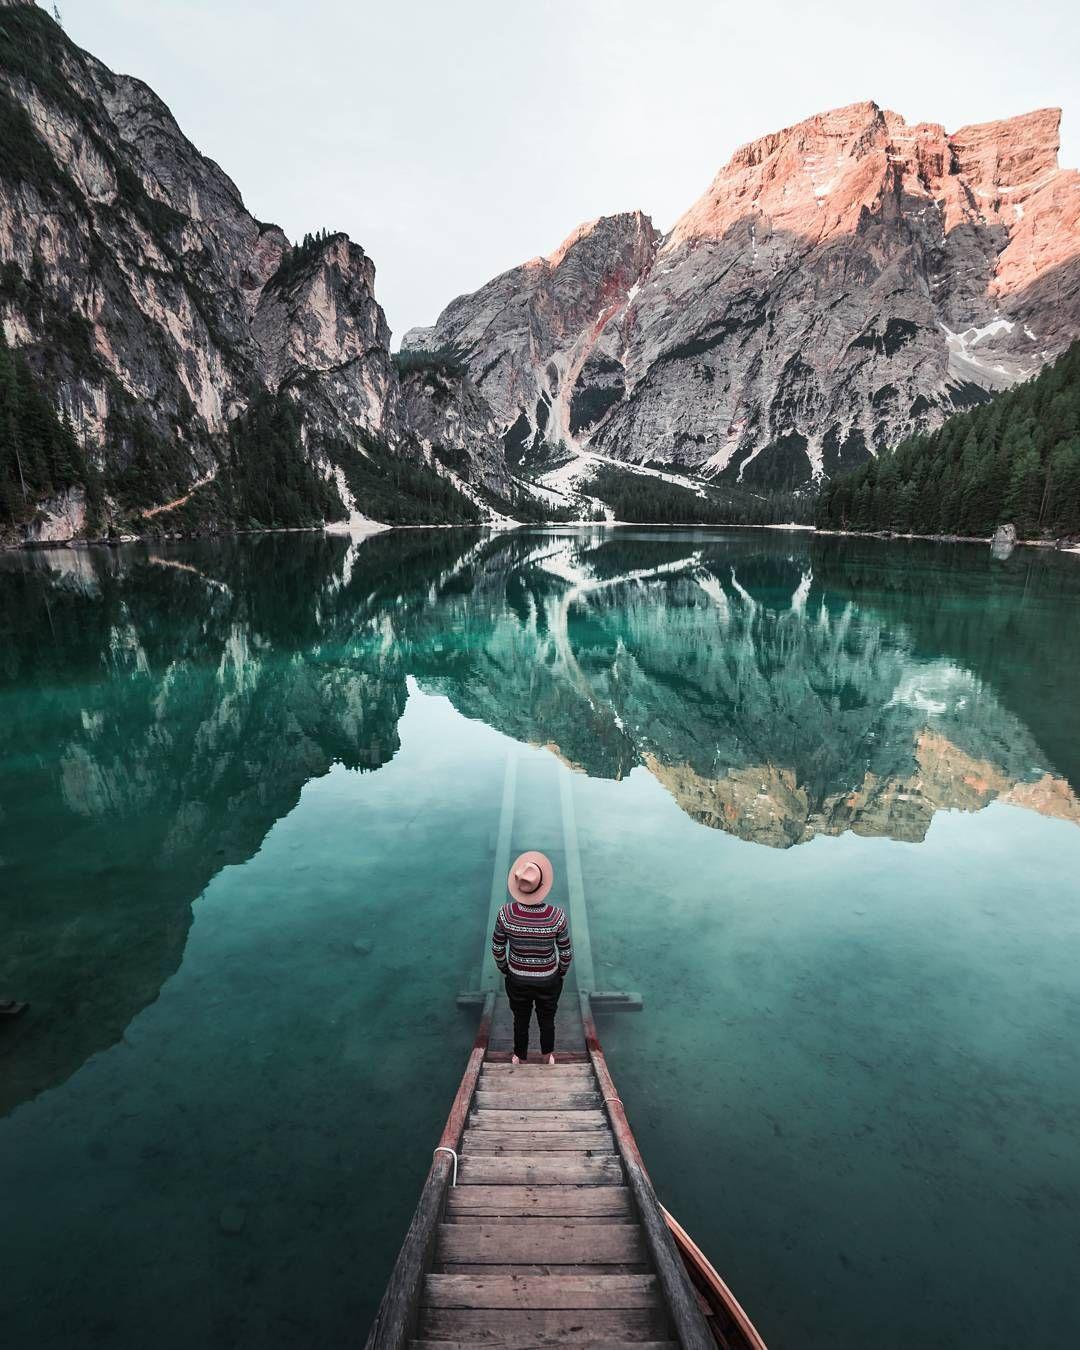 картинки и фото про путешествия это, наверное